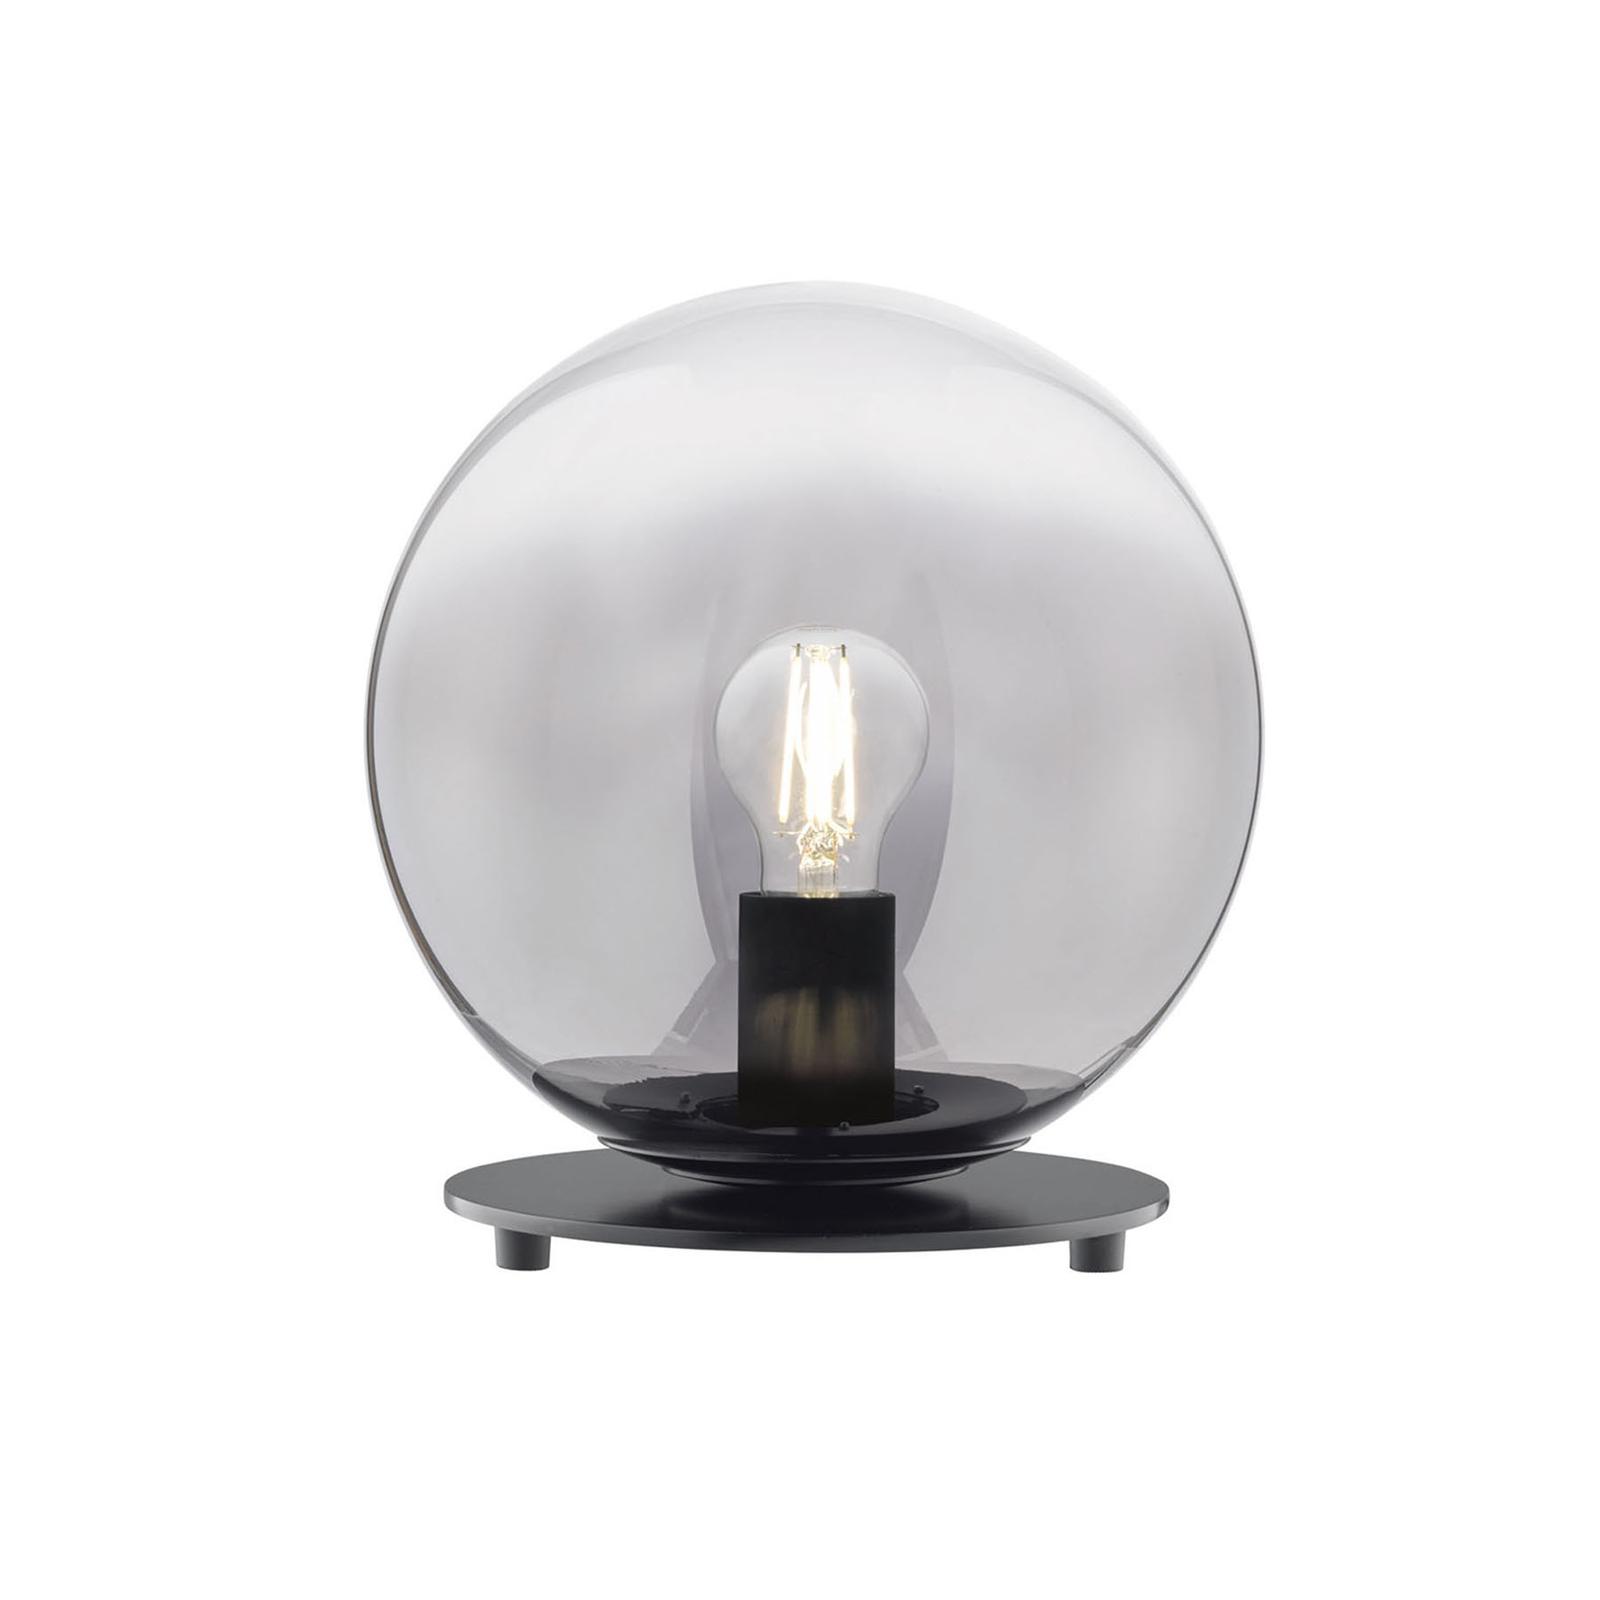 Schöner Wohnen Mirror lampe à poser, Ø 25cm